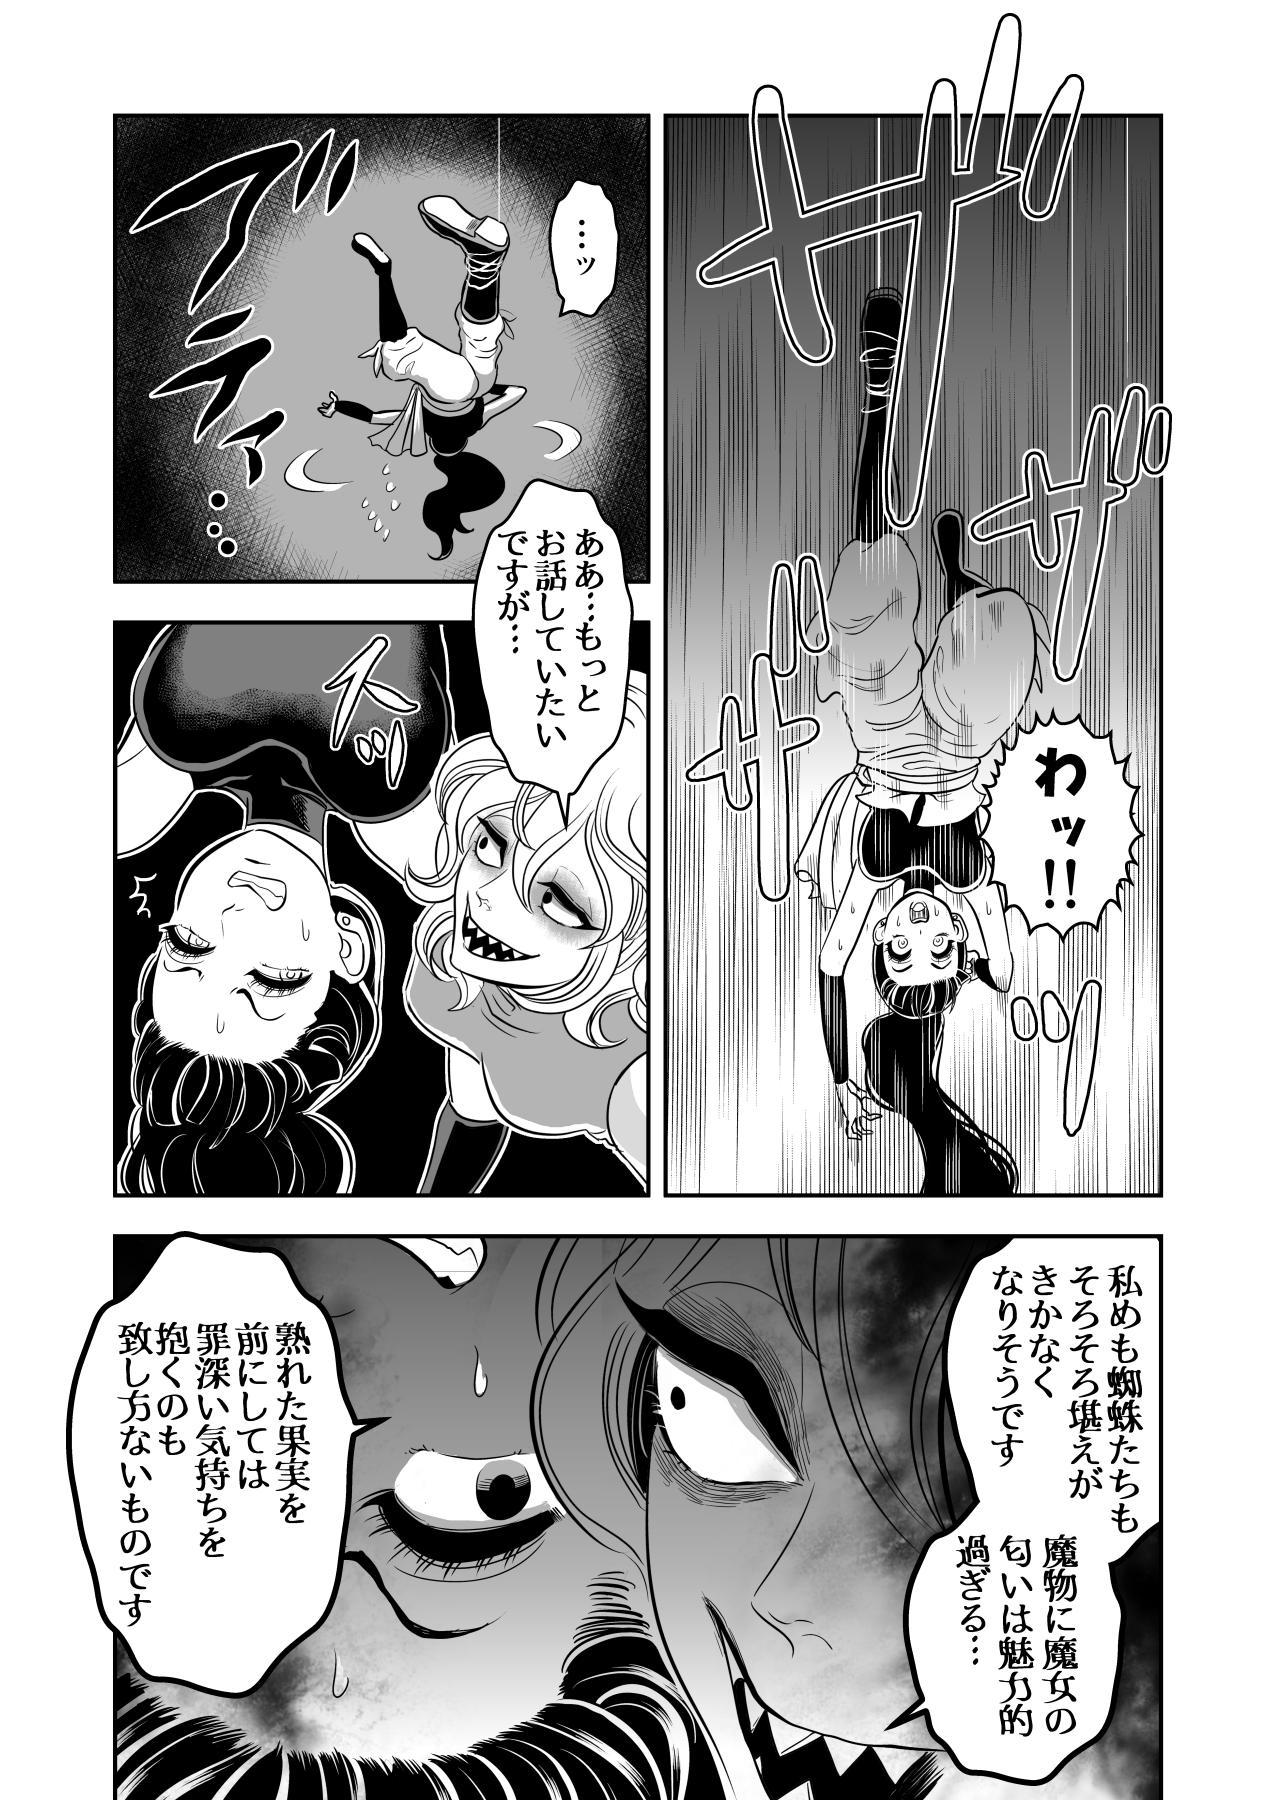 ヤサグレ魔女と第1王子と吸血鬼①0076